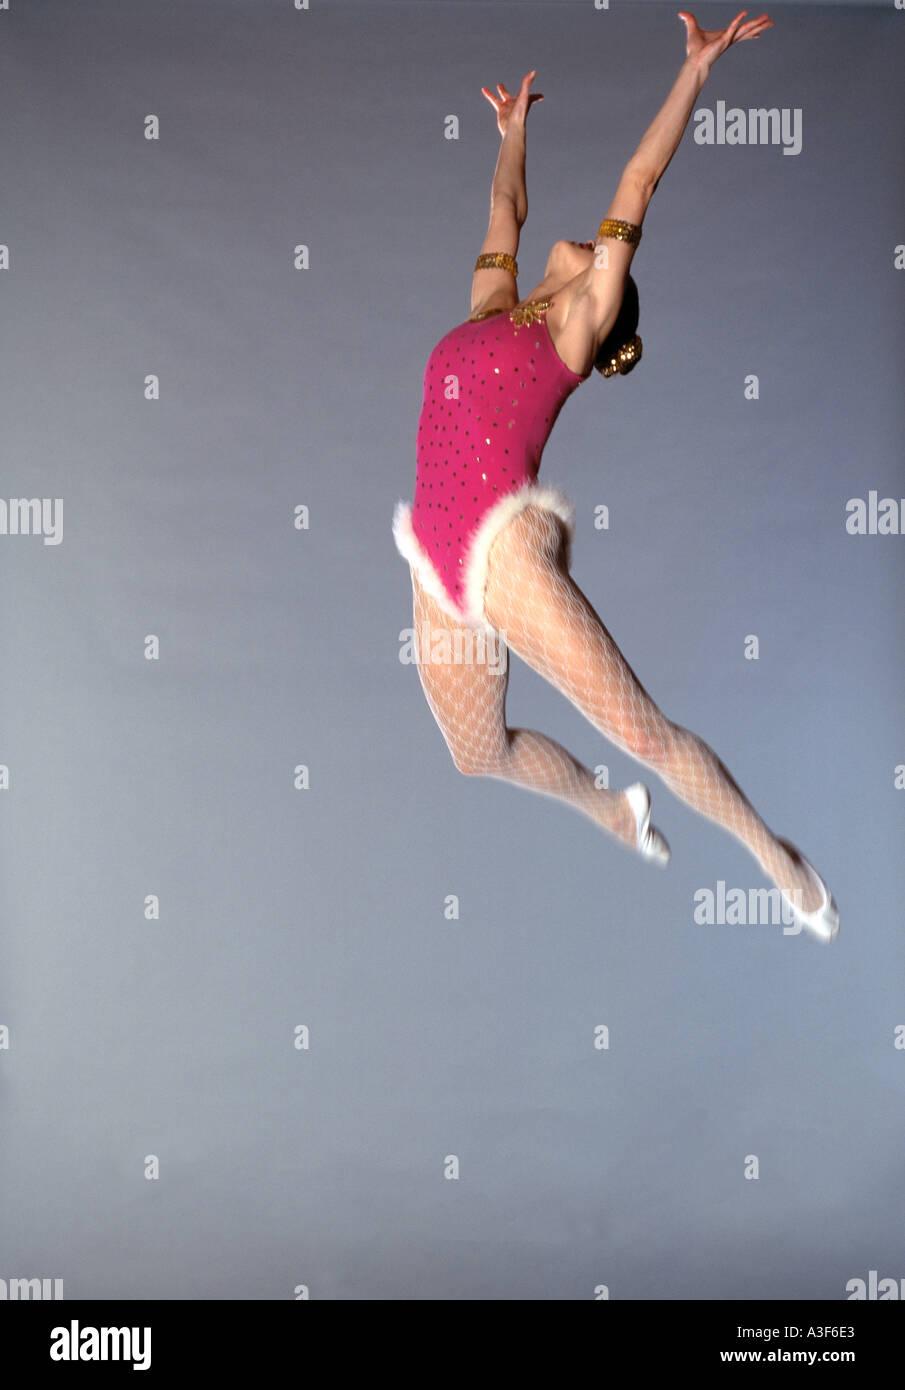 Trapezista volare attraverso l'aria lo sfondo grigio Immagini Stock